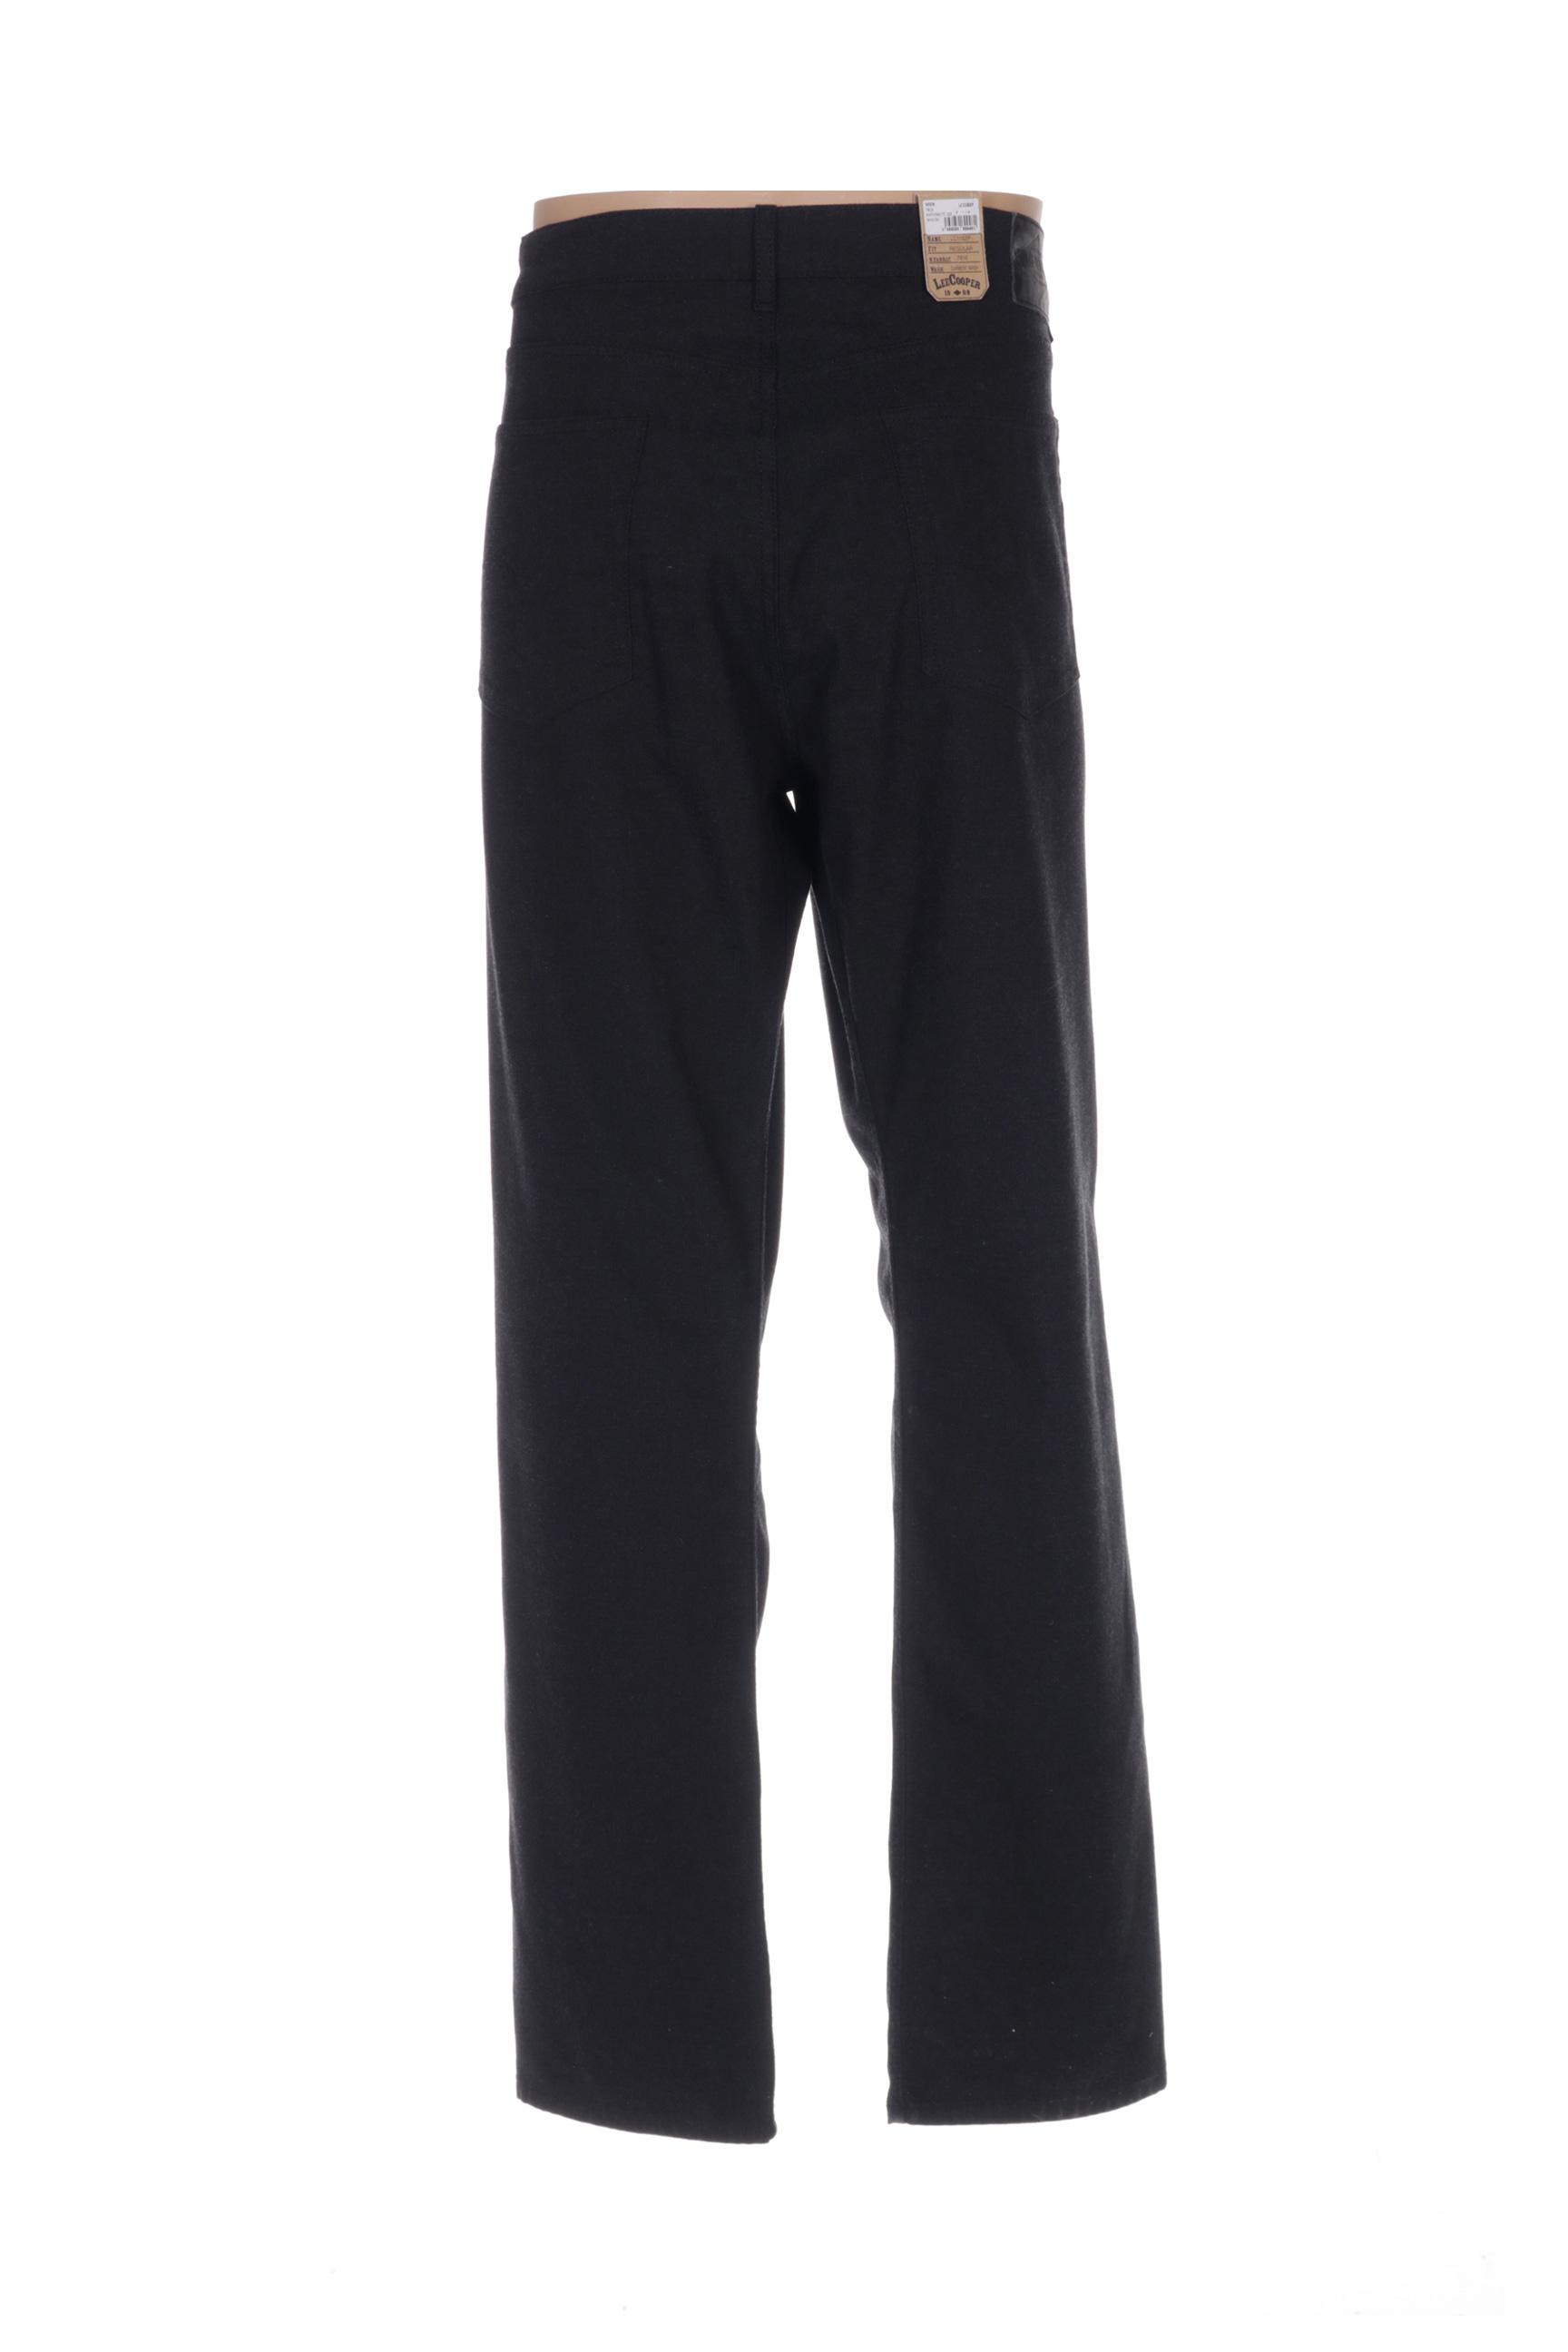 Lee Cooper Pantalons Decontractes Homme De Couleur Noir En Soldes Pas Cher 1422031-noir00